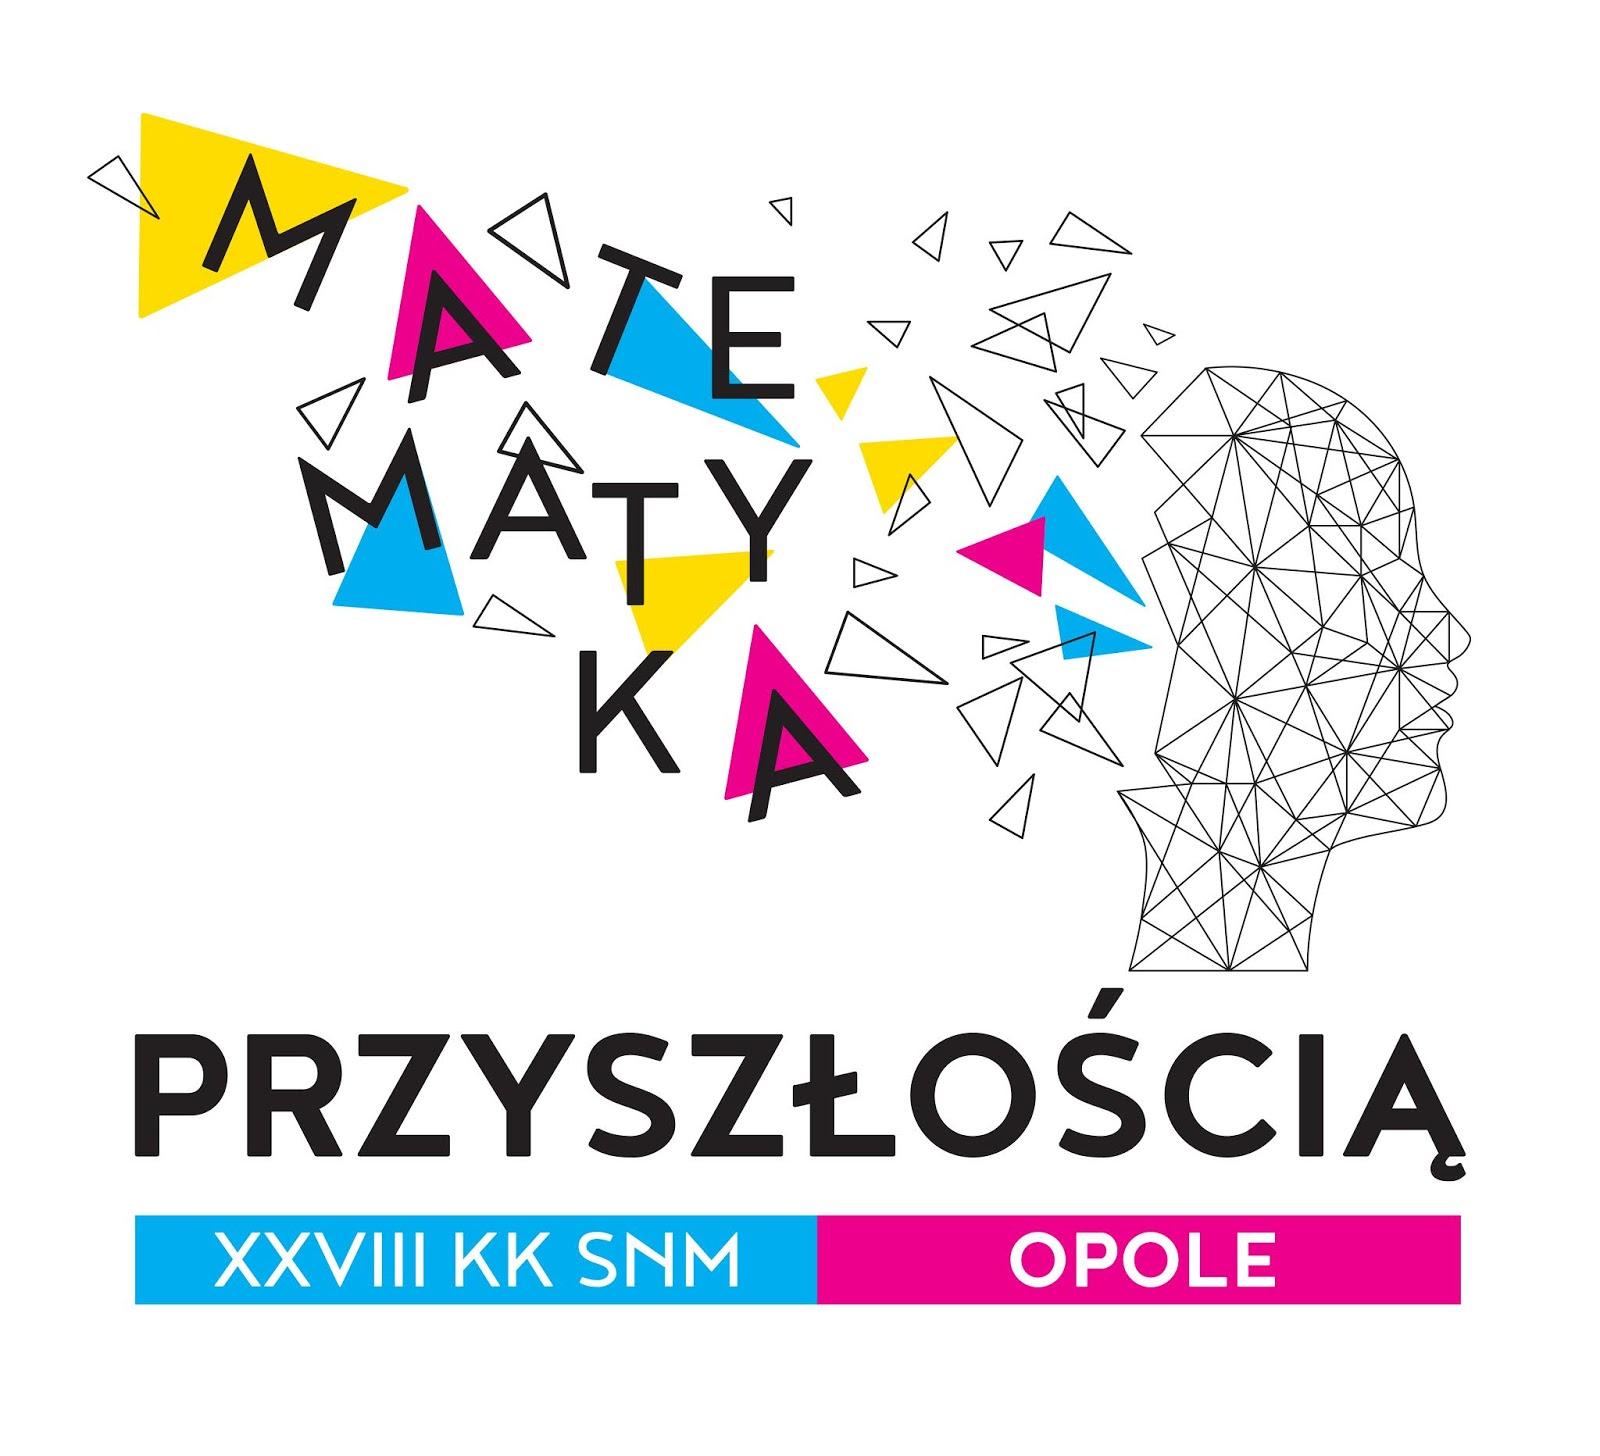 Matematyka przyszloscia_logo ok